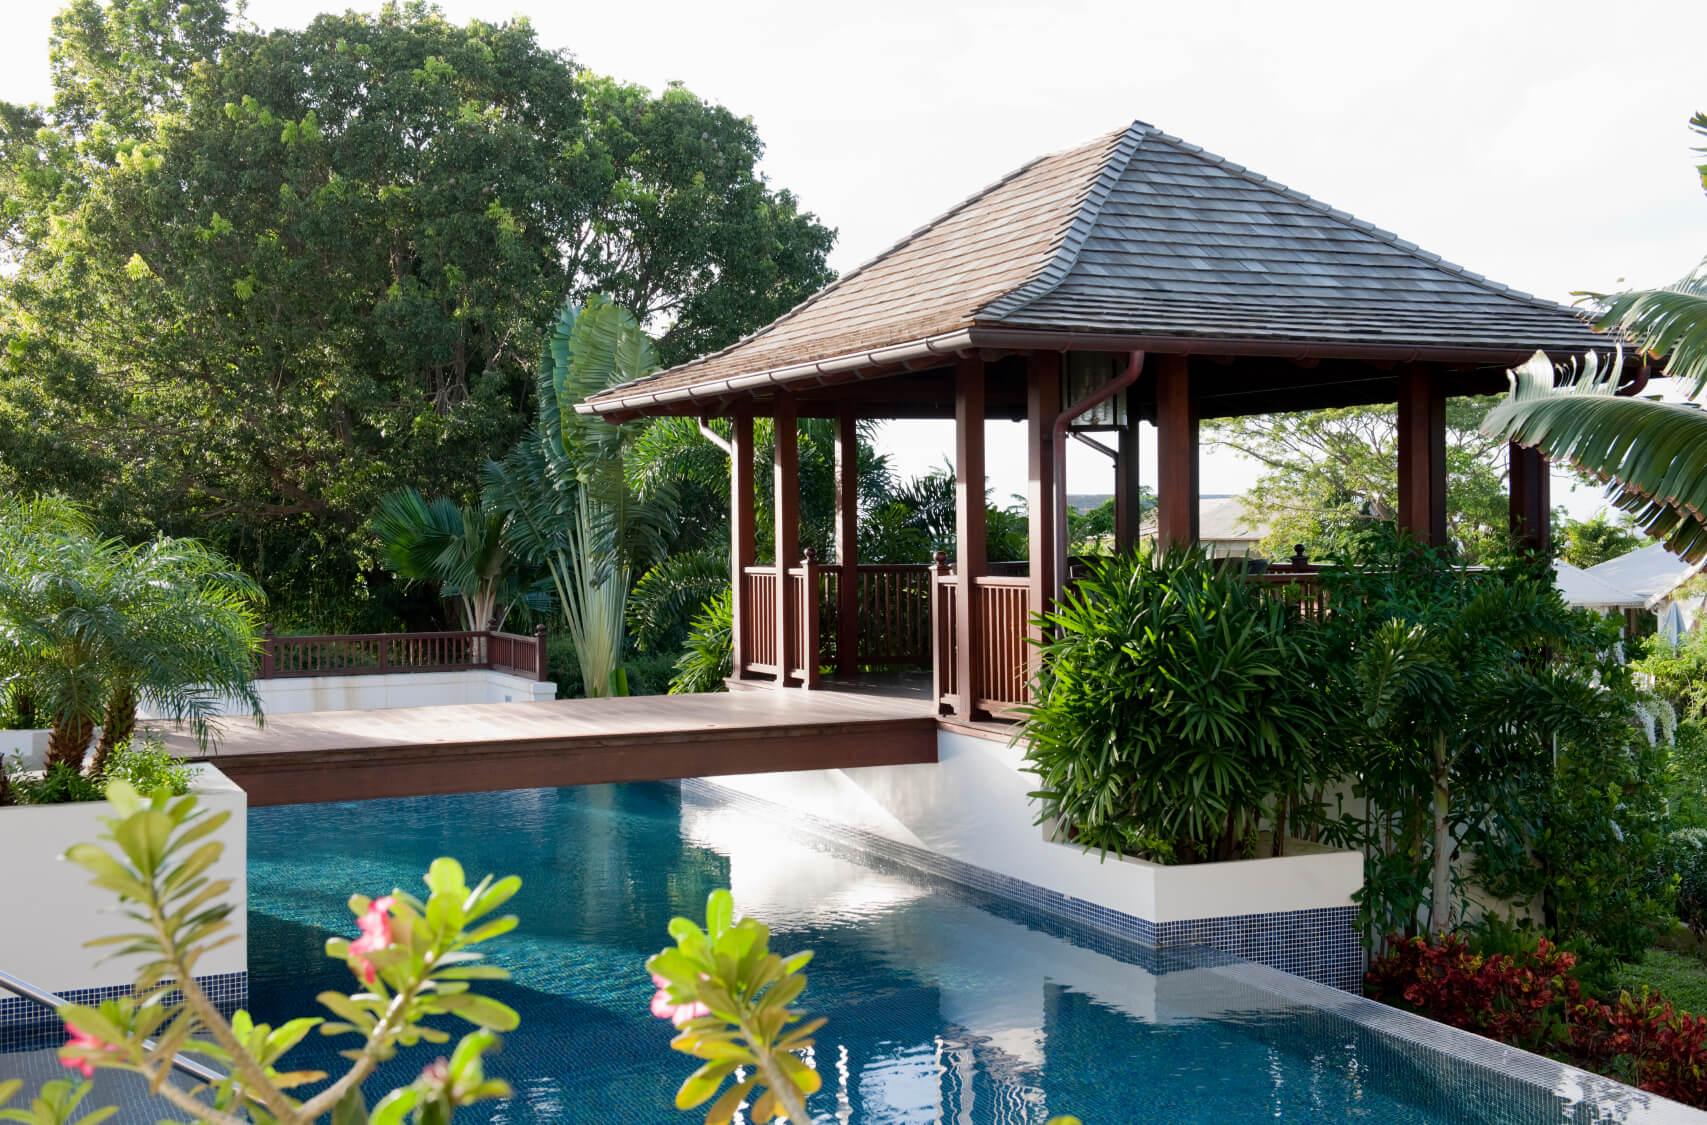 34 Glorious Pool Gazebo Ideas